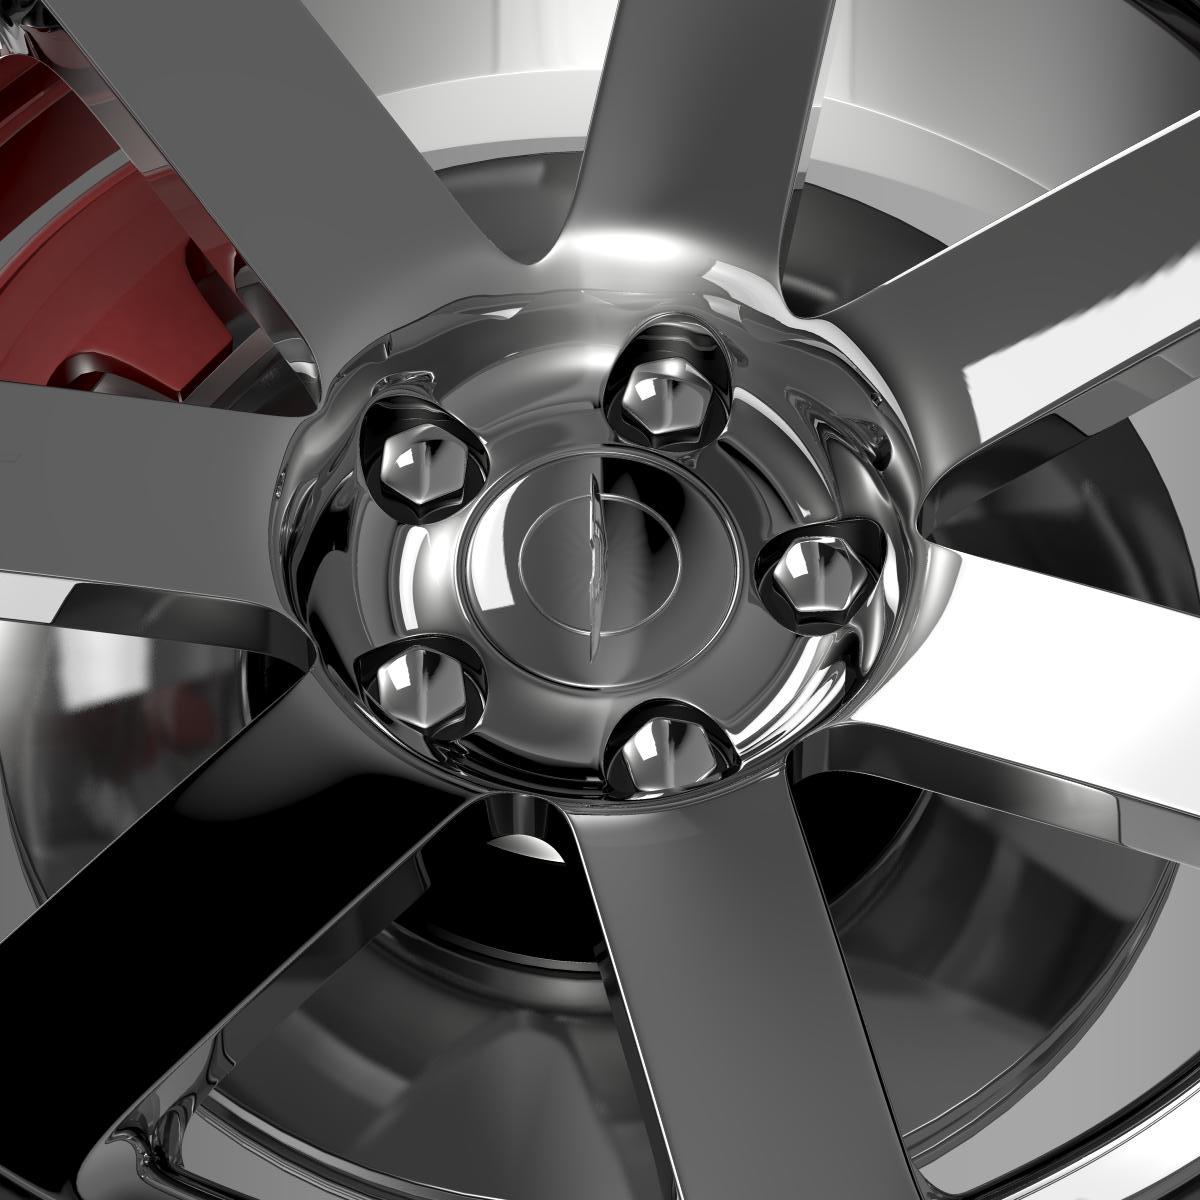 chrysler 300 srt8 wheel 3d model 3ds max fbx c4d lwo ma mb hrc xsi obj 210659